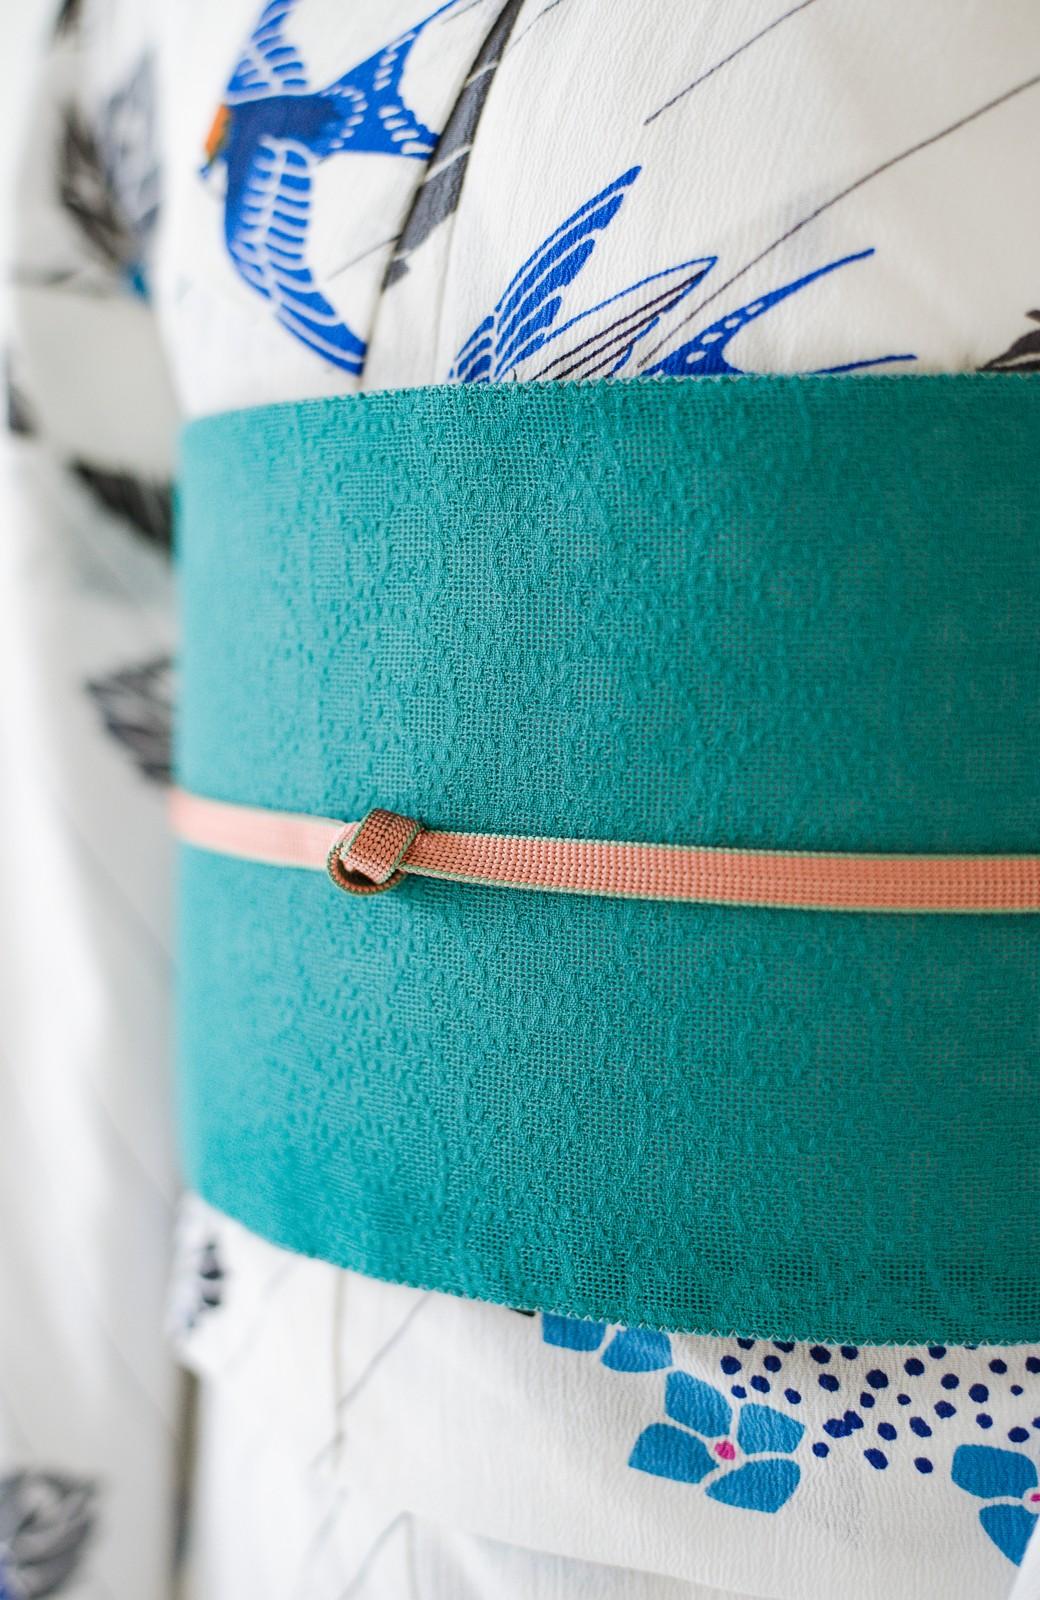 haco! ひでや工房 京都のからみ織ジャカードリバーシブル帯 <グリーン×ピンク>の商品写真7